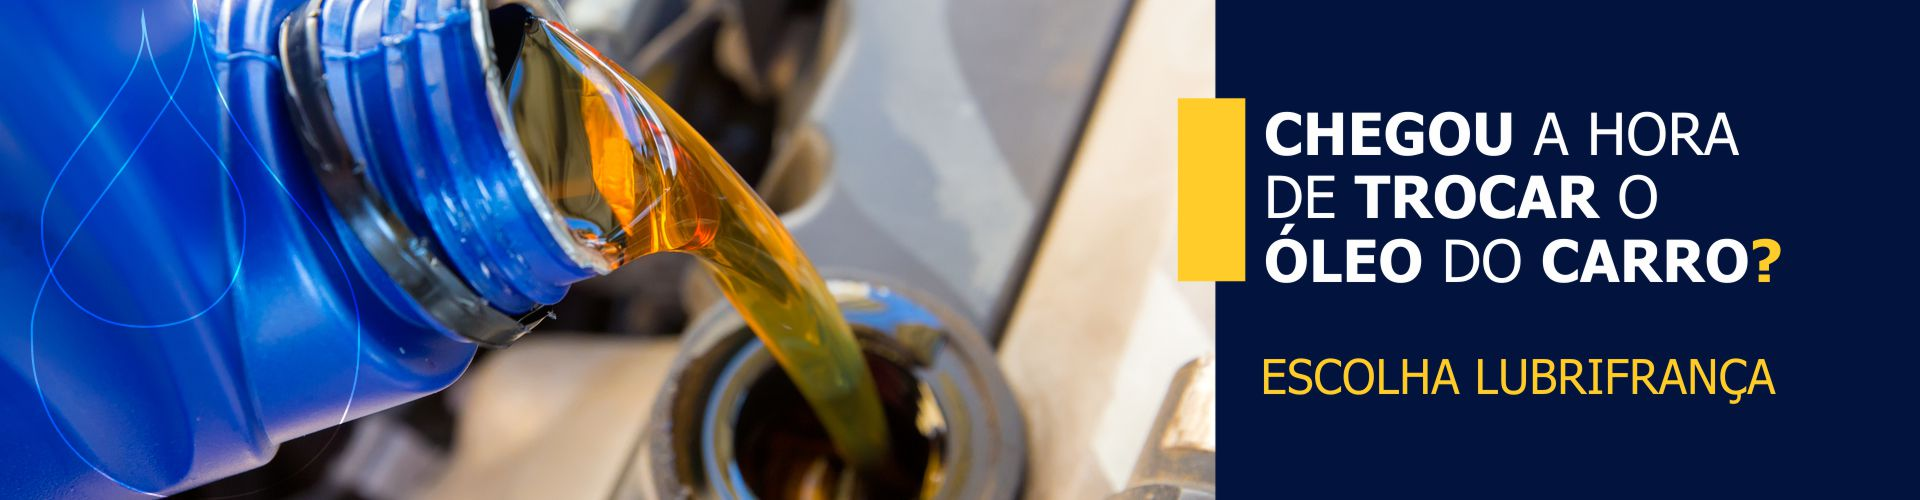 Chegou a hora de trocar o óleo do carro?